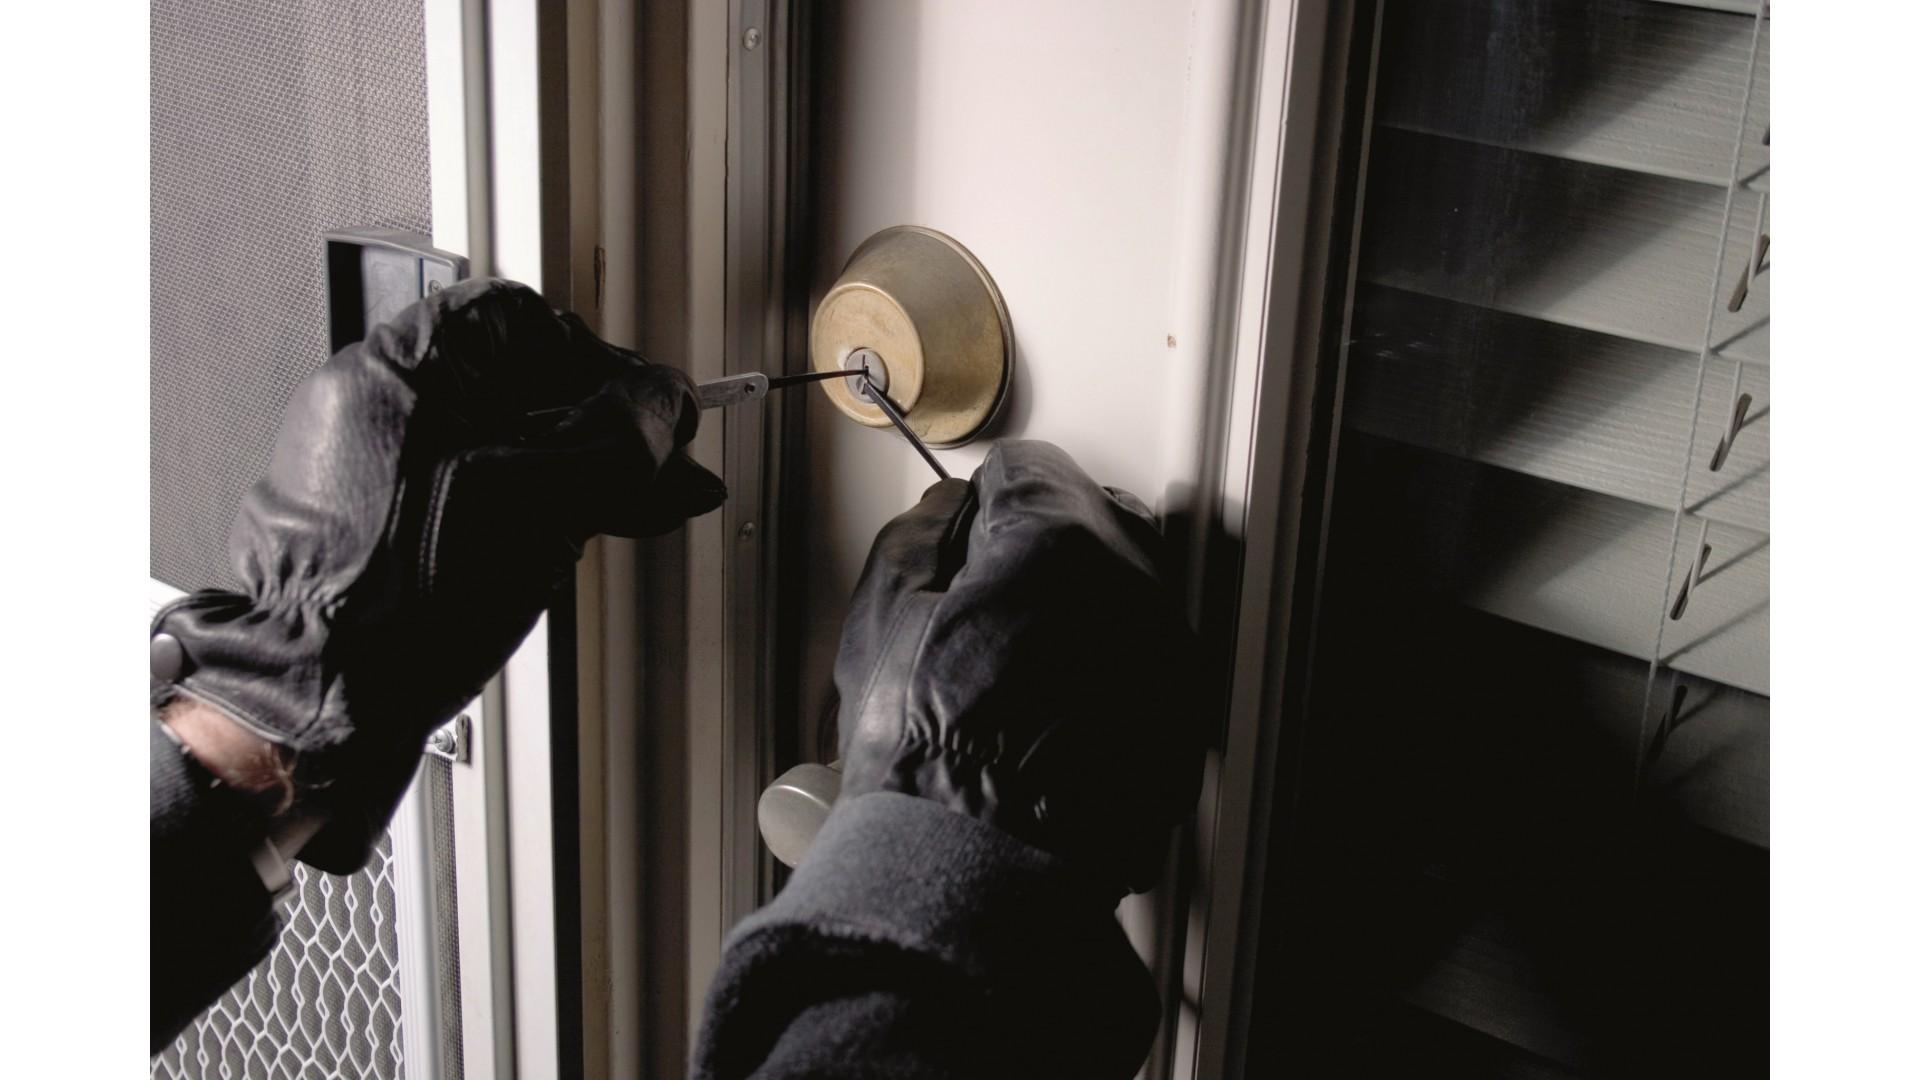 Знаете ли Вы, что 6,4% грабителей проникают в квартиру/дом при помощи ключа?